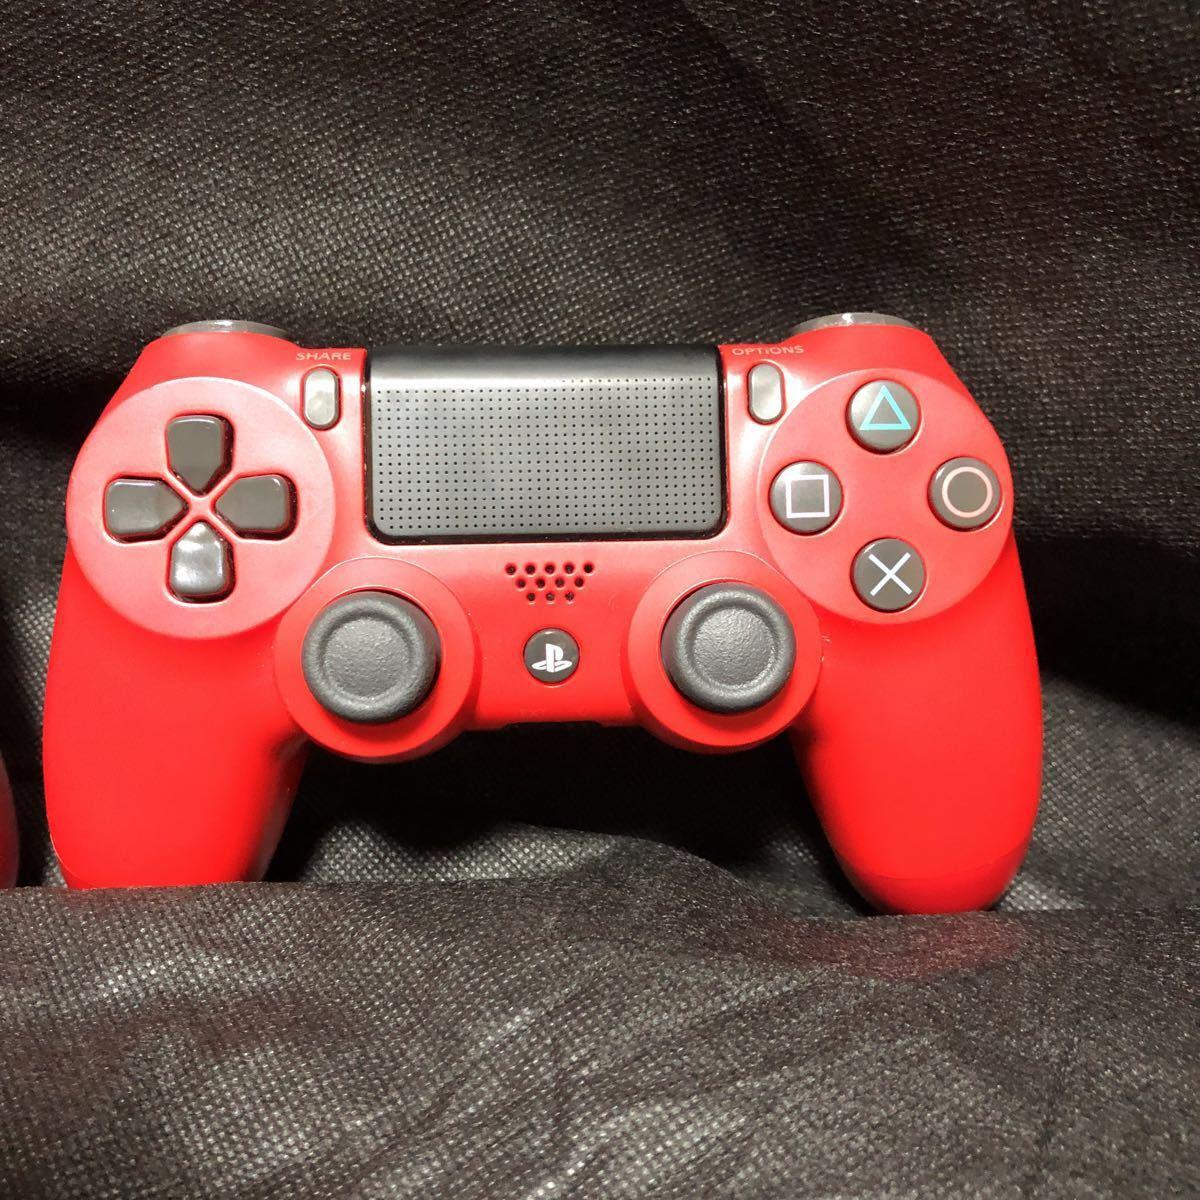 PS4ワイヤレスコントローラー (DUALSHOCK 4) マグマ・レッド (CUH-ZCT2J11) 二個セット 動作良好_画像3